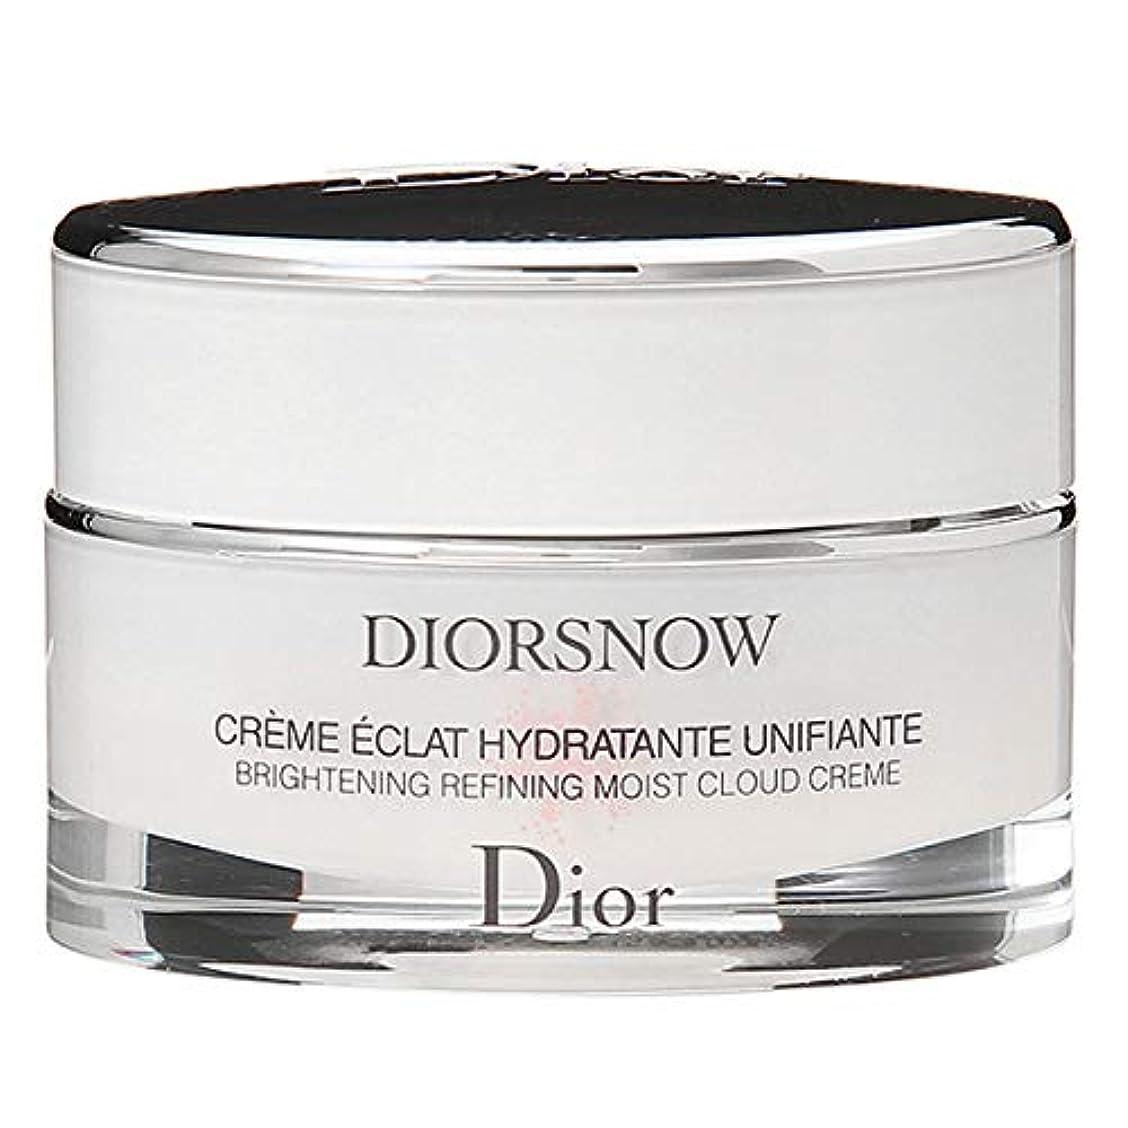 スノーケル足音刺すクリスチャンディオール Christian Dior ディオール スノー ブライトニング モイスト クリーム 50mL [並行輸入品]